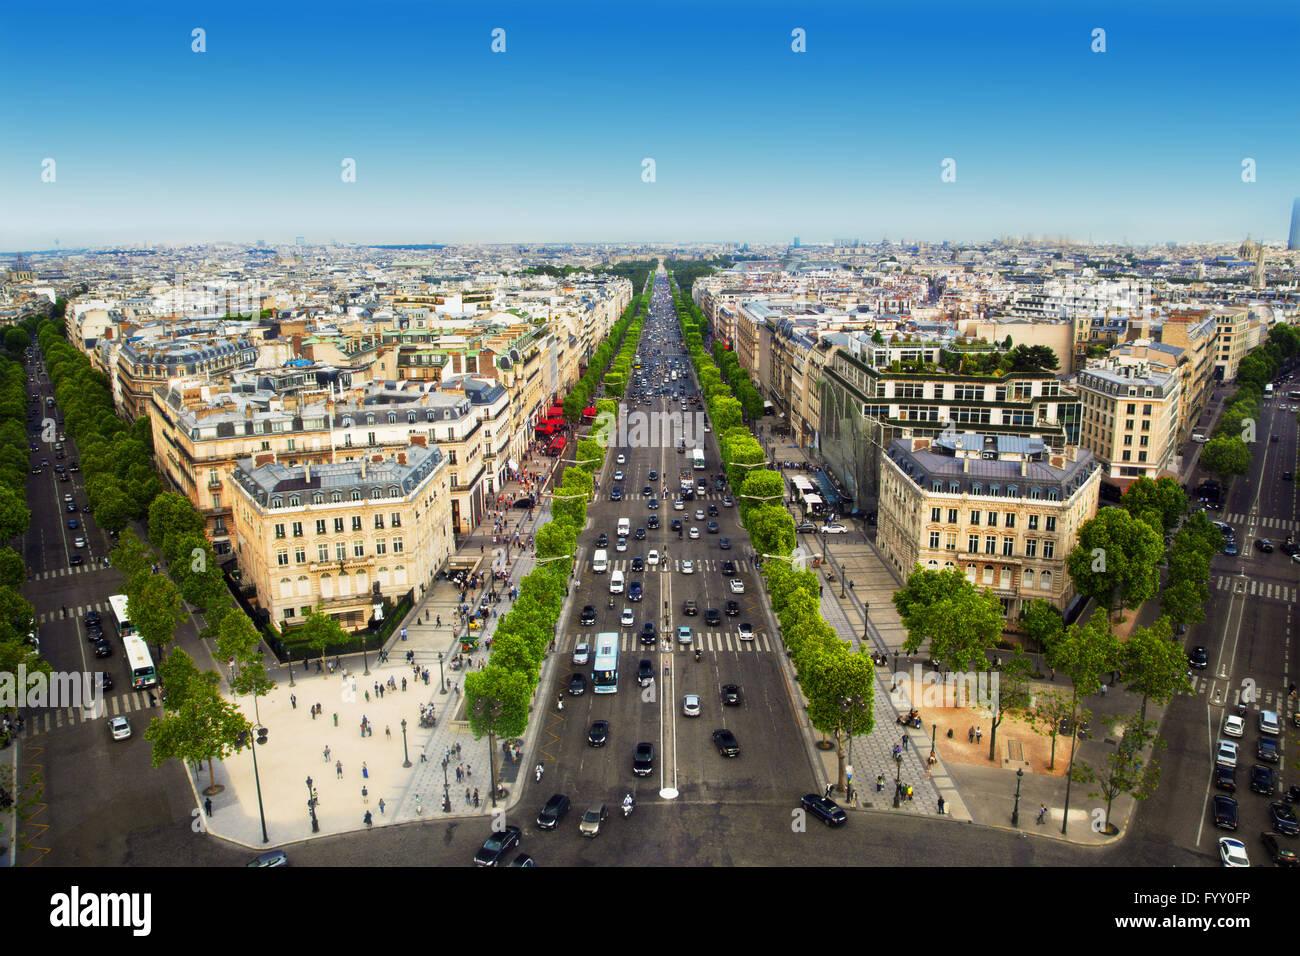 Avenue des Champs-Elysees in Paris, France - Stock Image